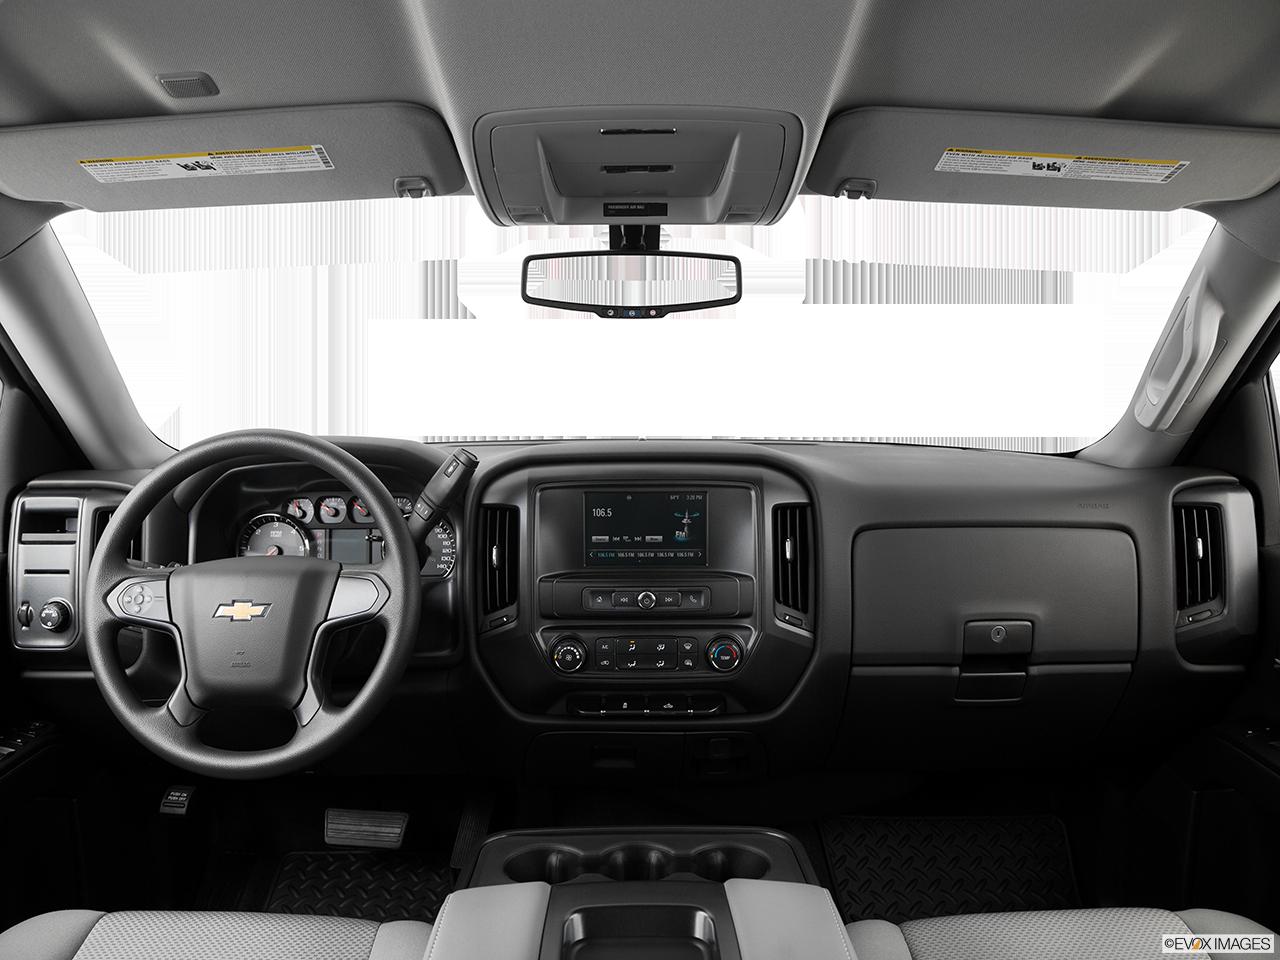 2016 chevrolet silverado 1500 jackson buick serving decatur interior view of 2016 chevrolet silverado 1500 in sullivan publicscrutiny Choice Image